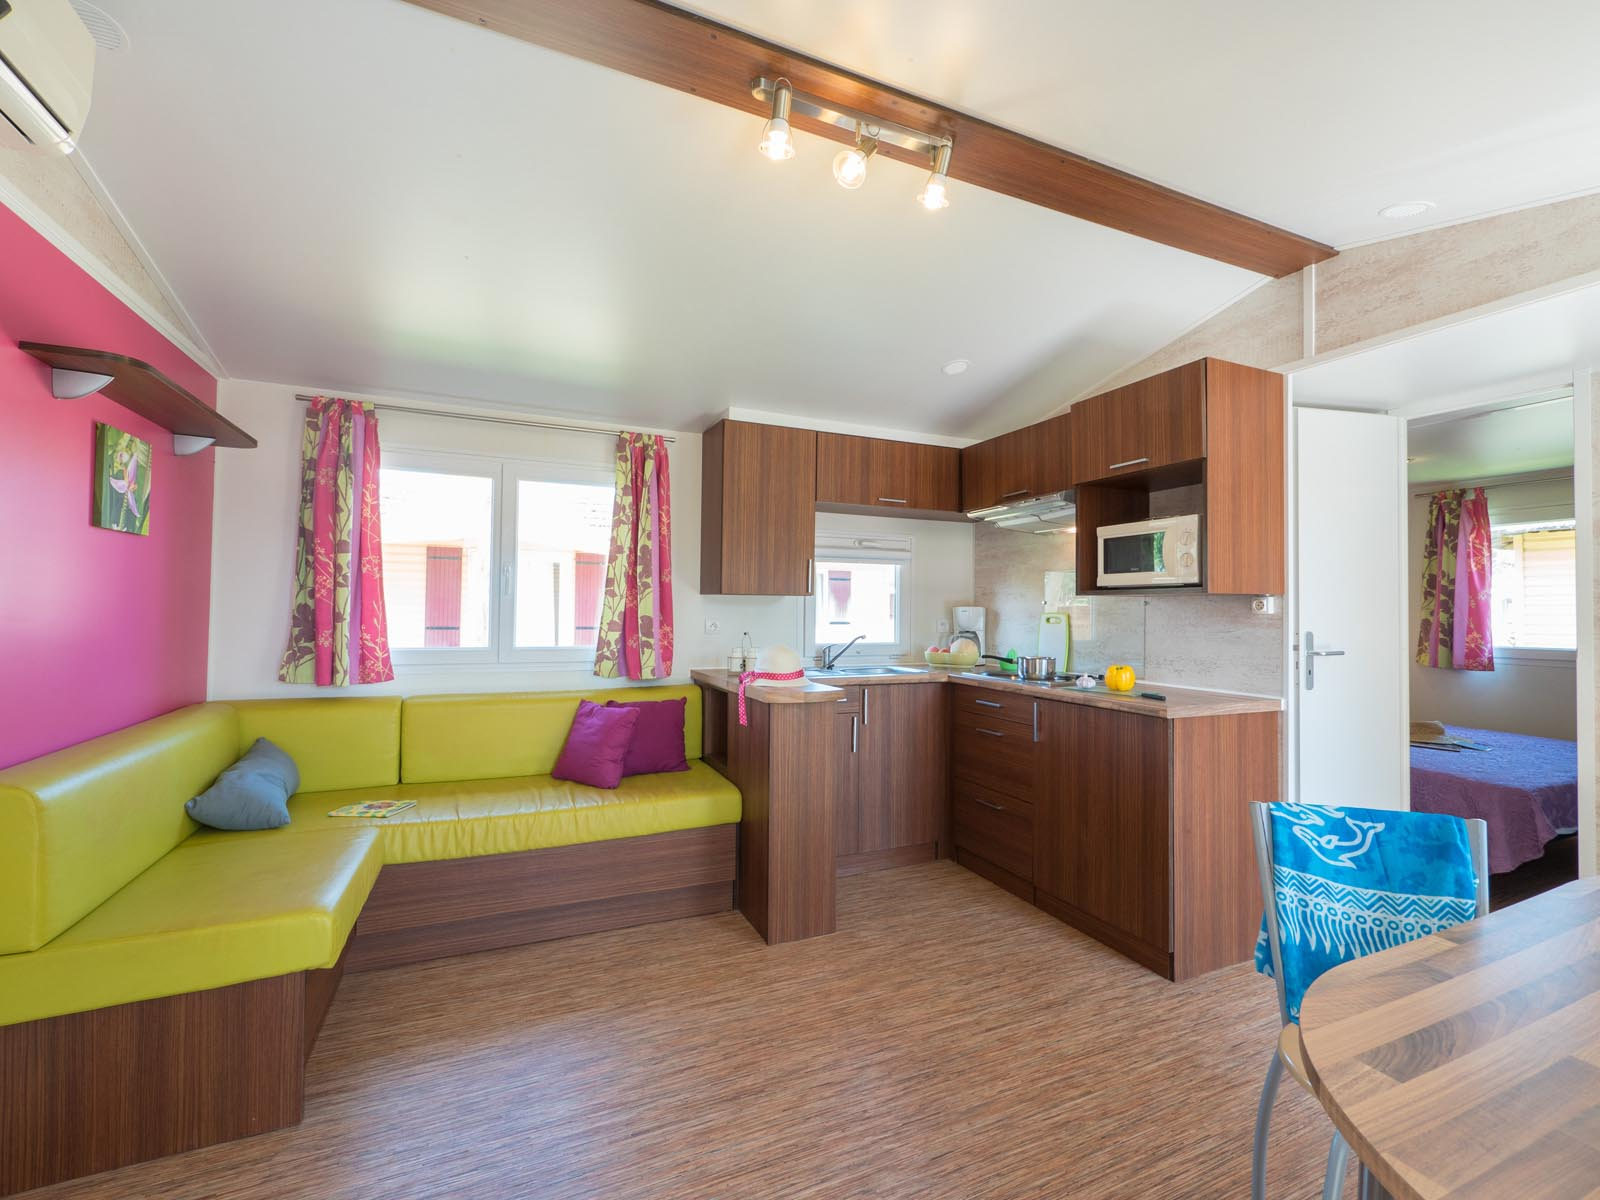 Cuisine et salon spacieux de mobilhome